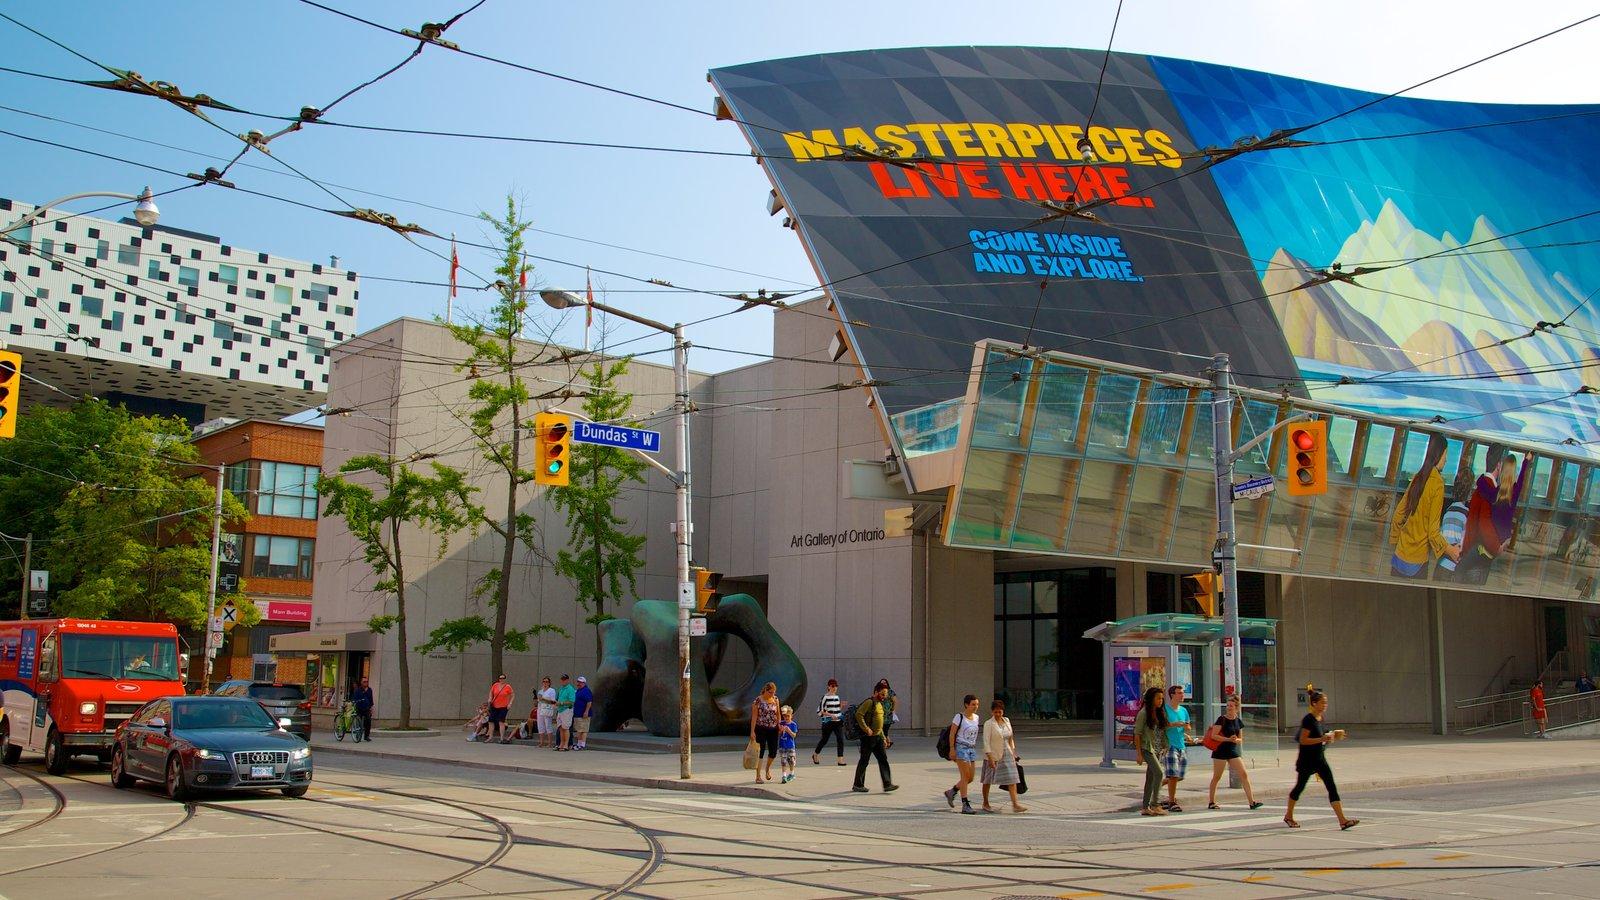 Galeria de Arte de Ontário caracterizando arquitetura moderna, arte e sinalização